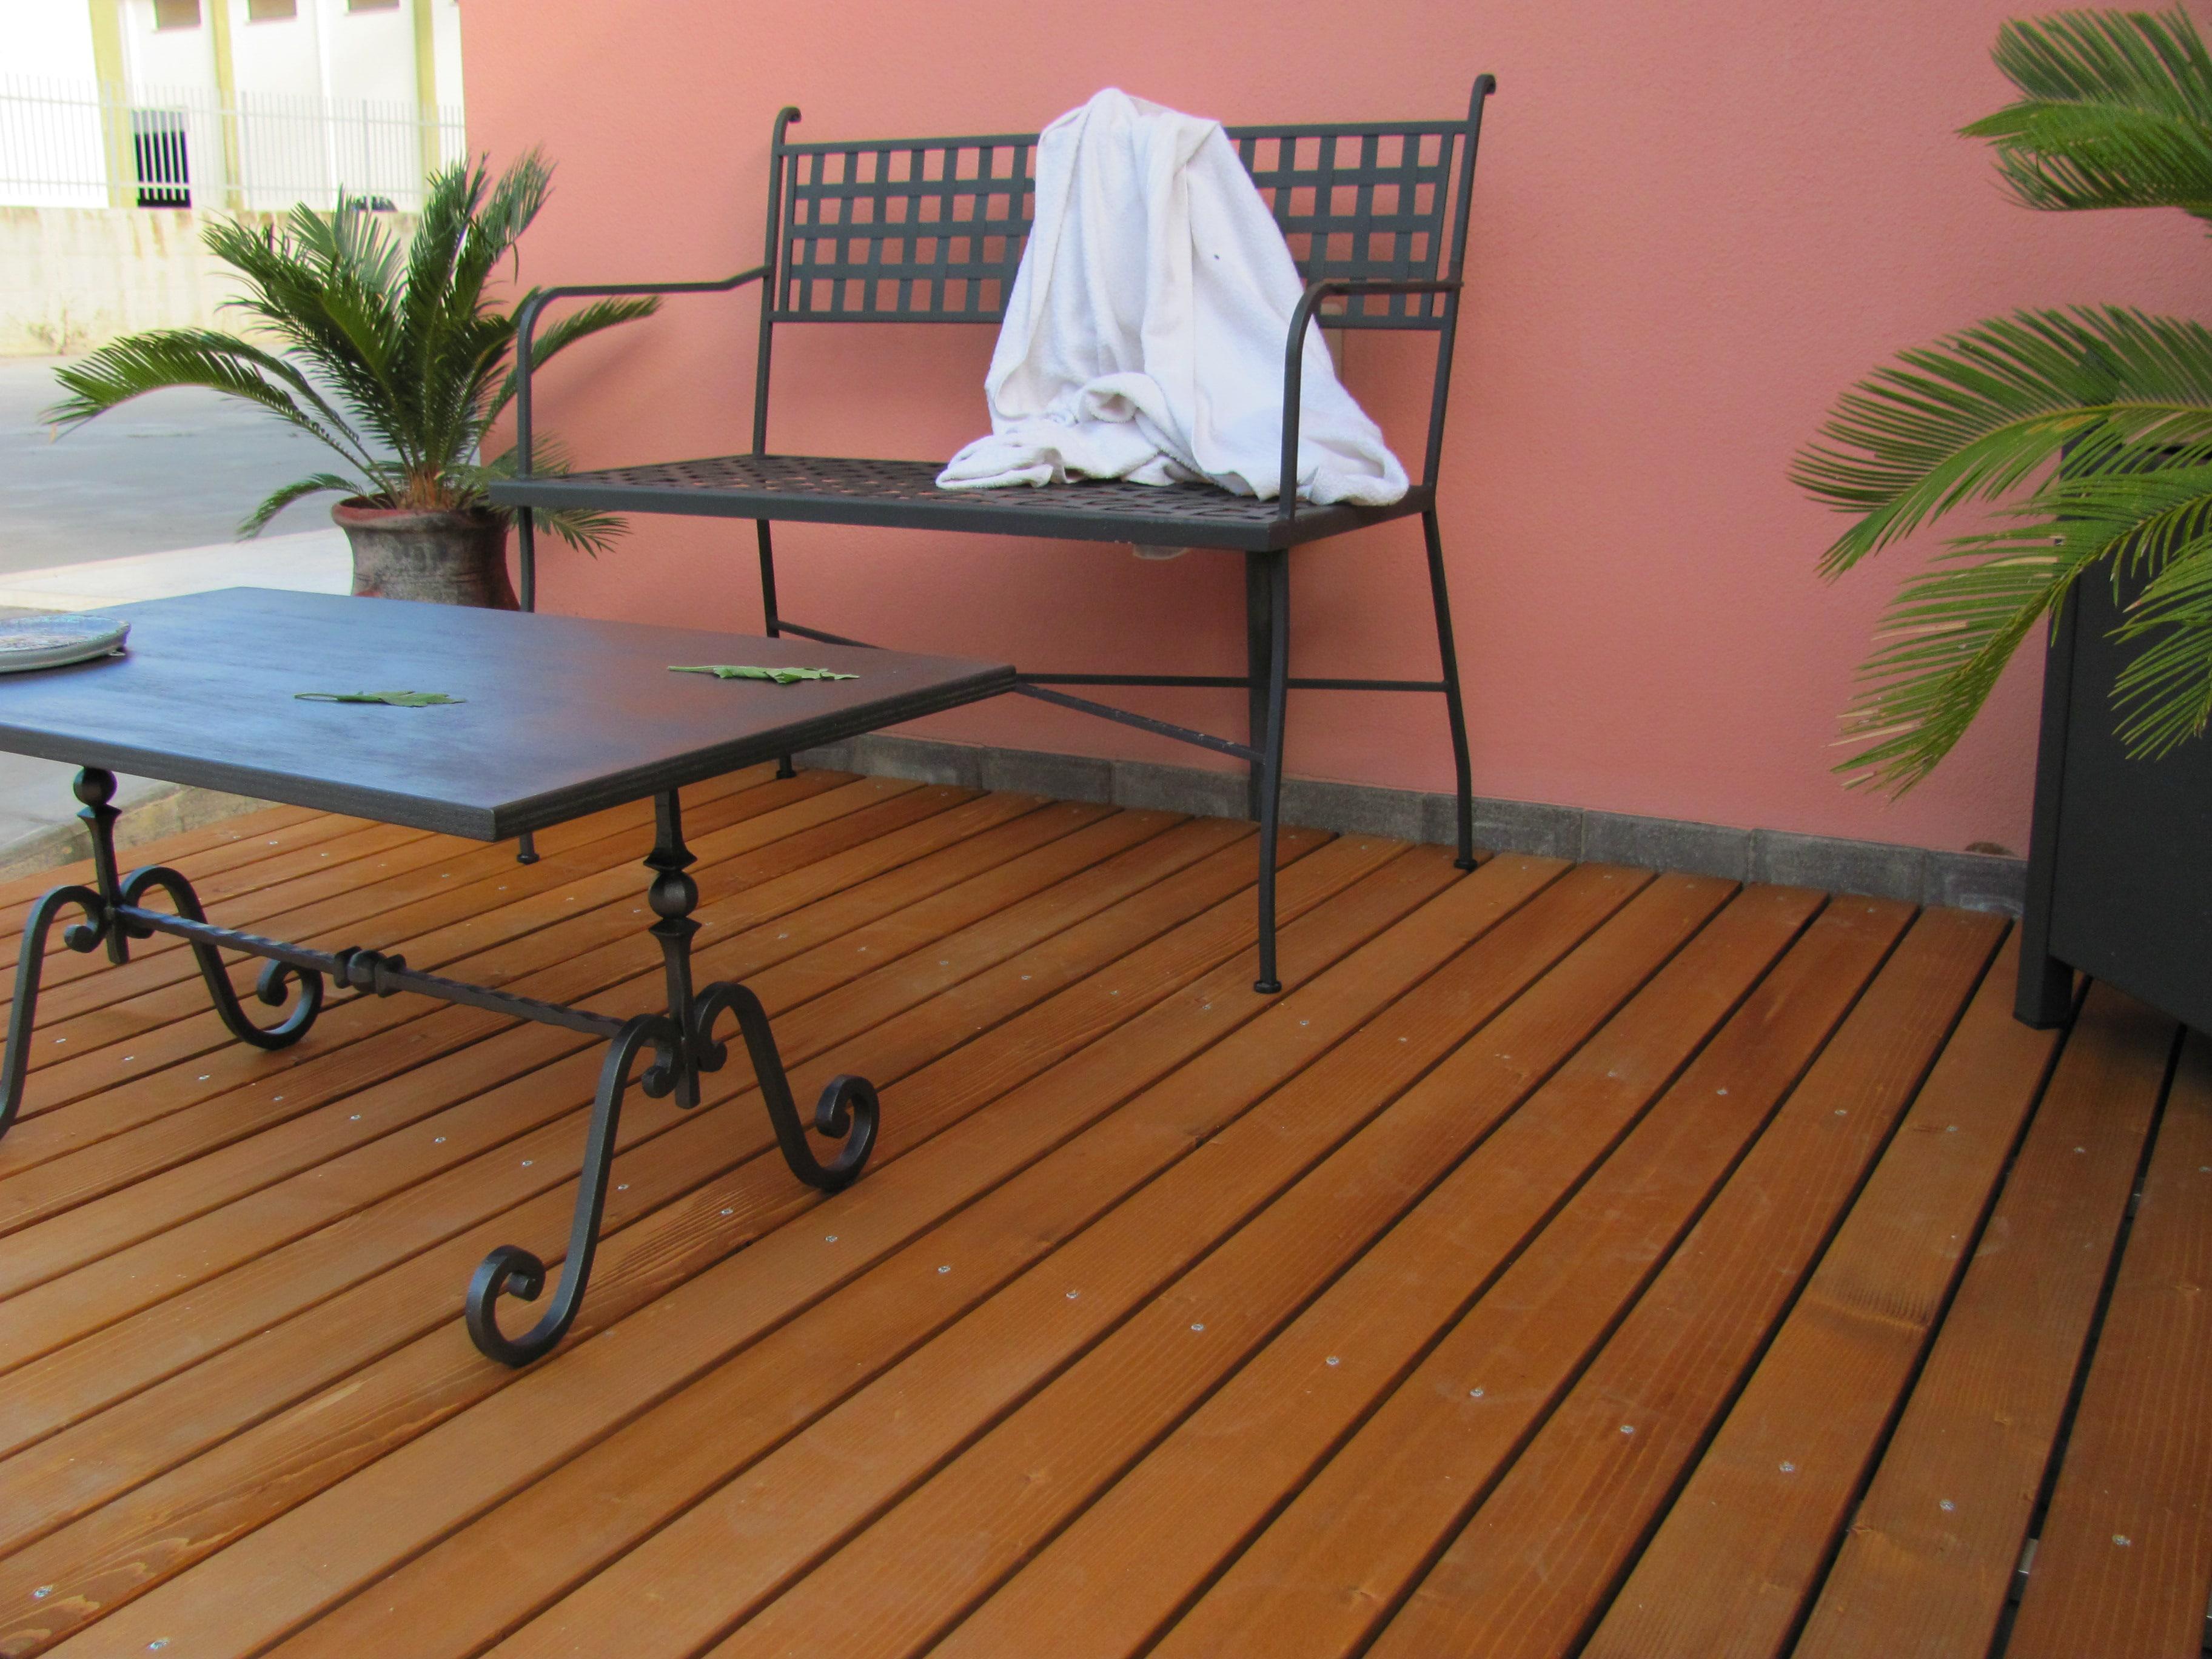 Pavimento per esterno in legno massello abete verniciato